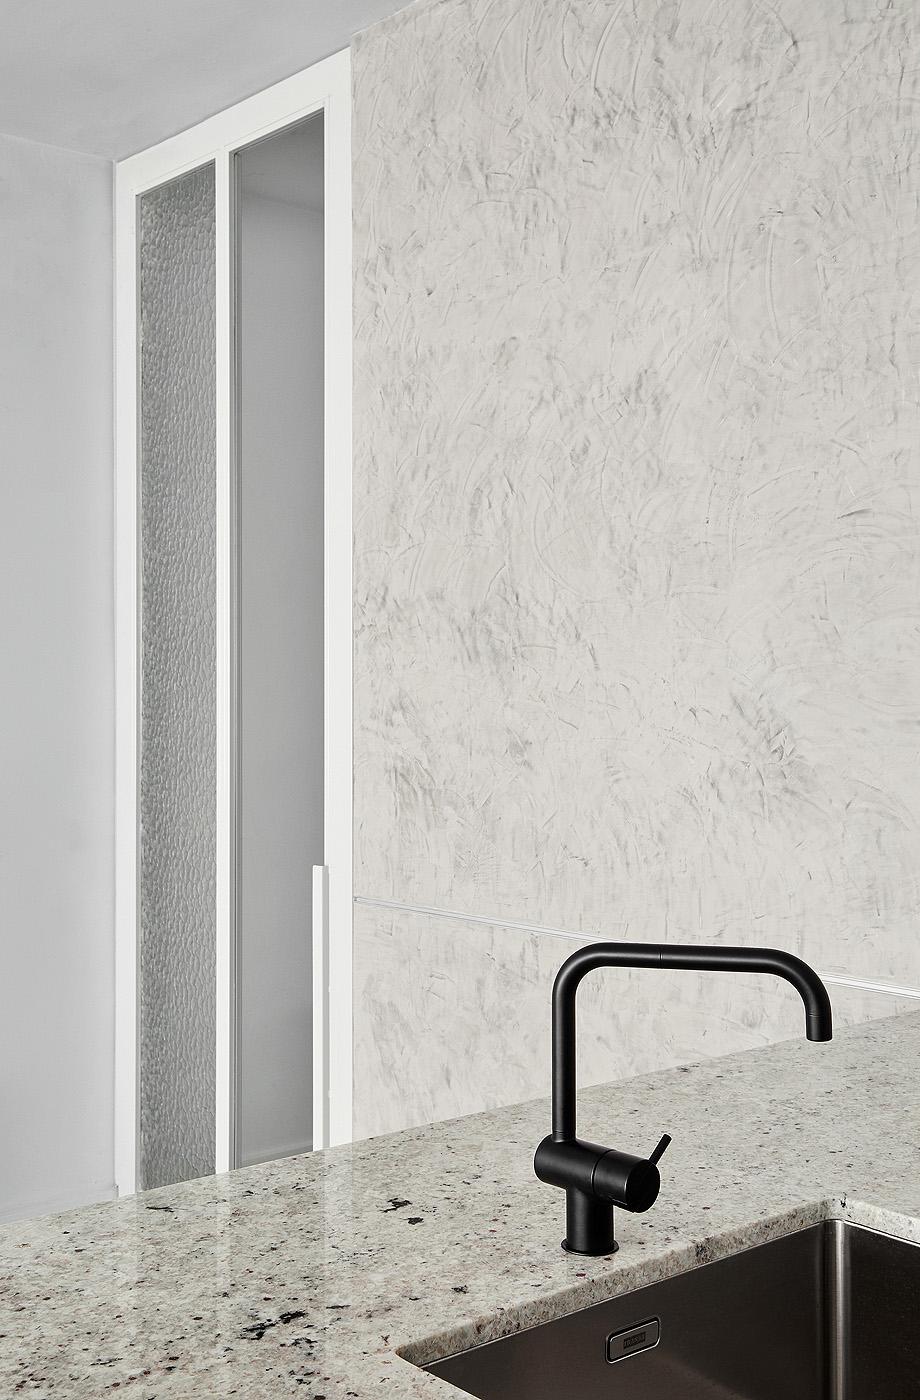 apartamento villarroel de raul sanchez architects (12)